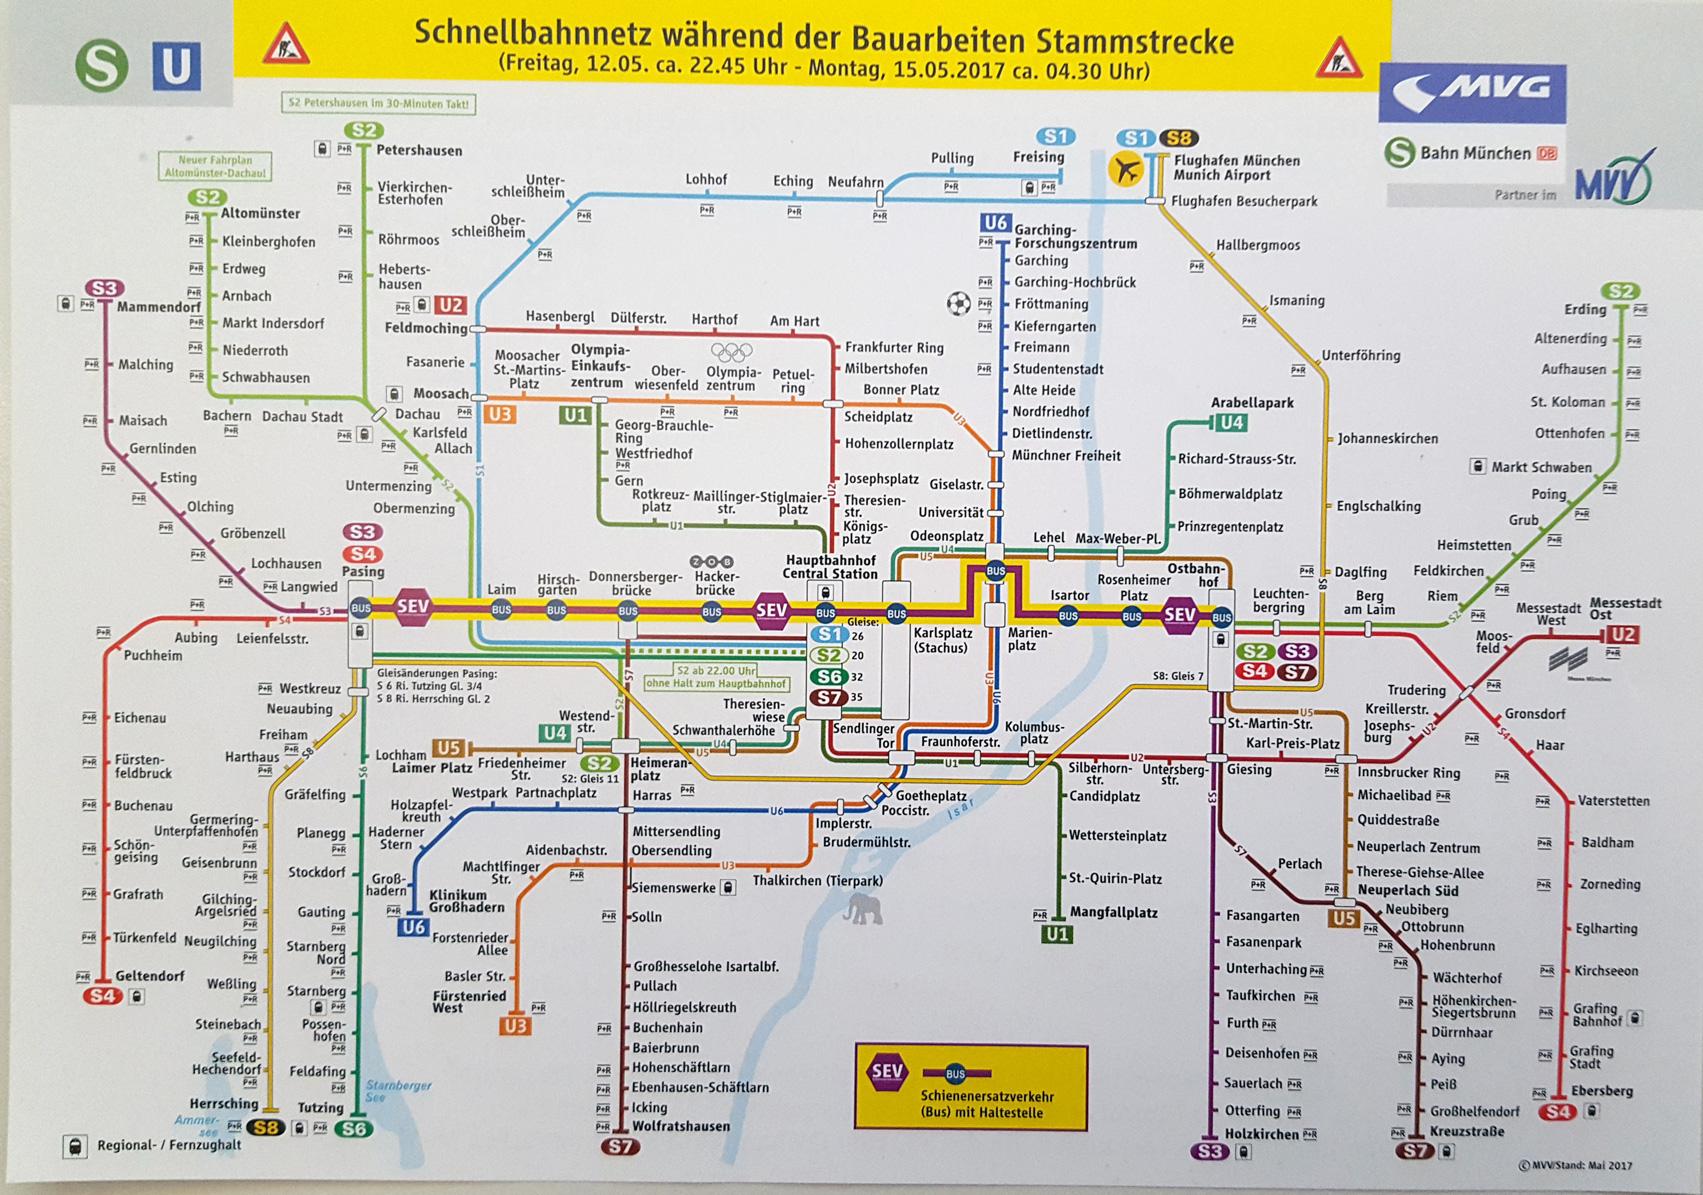 München Alle Infos Zur Stammstrecken Sperrung Von 12 155